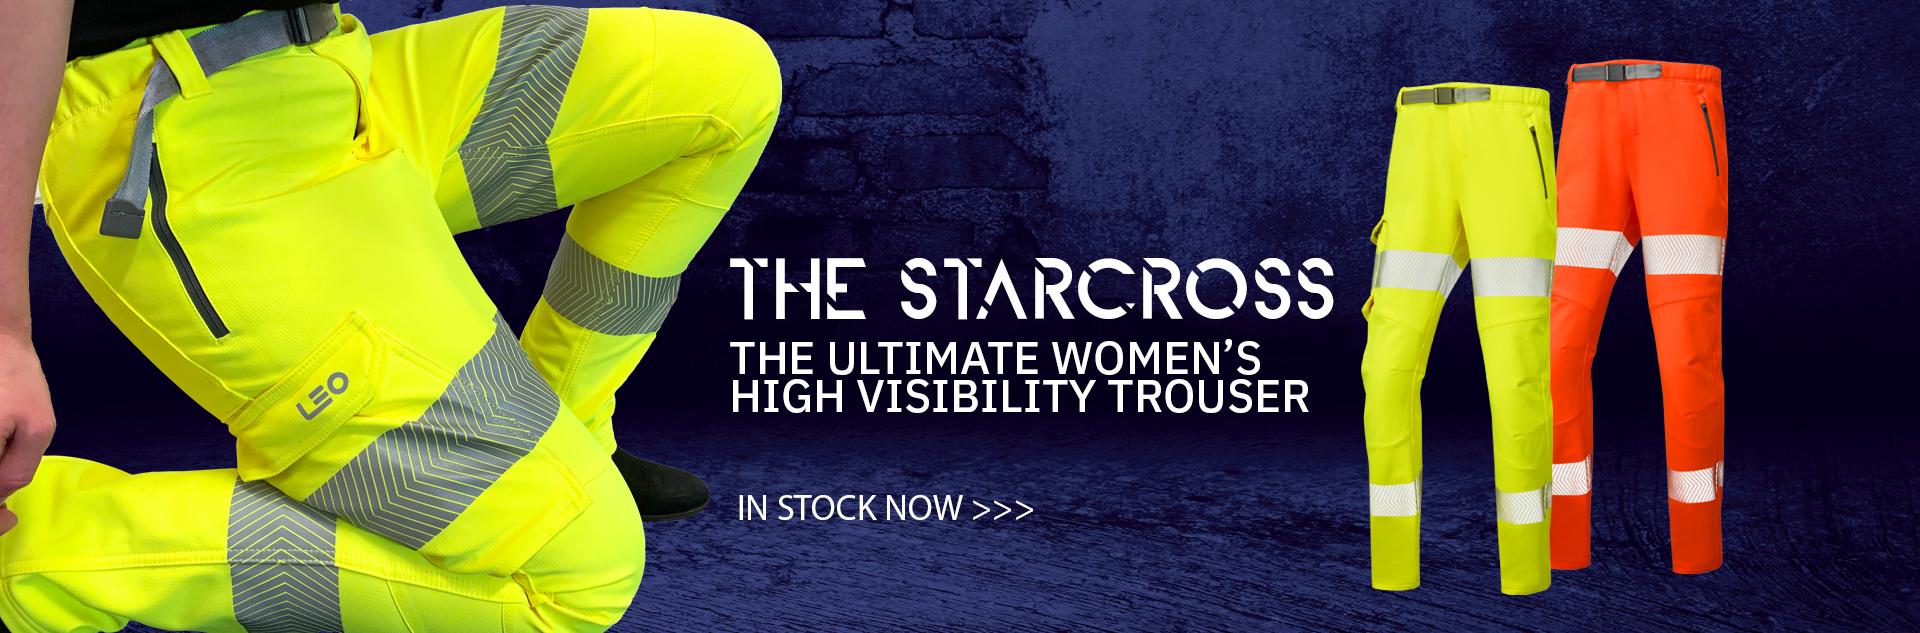 Starcross Trouser